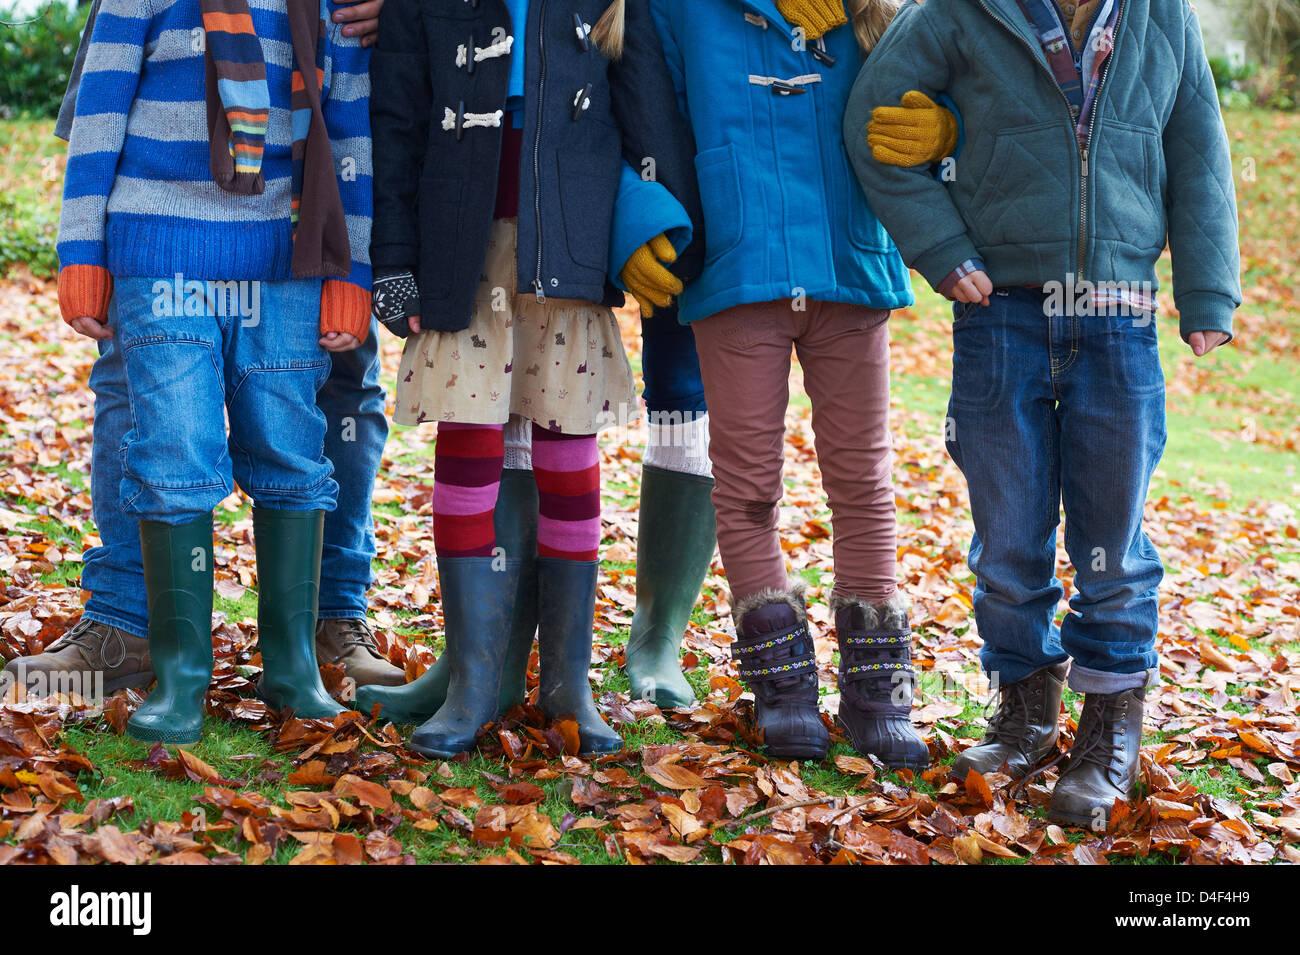 Los niños sentados juntos en hojas de otoño Imagen De Stock